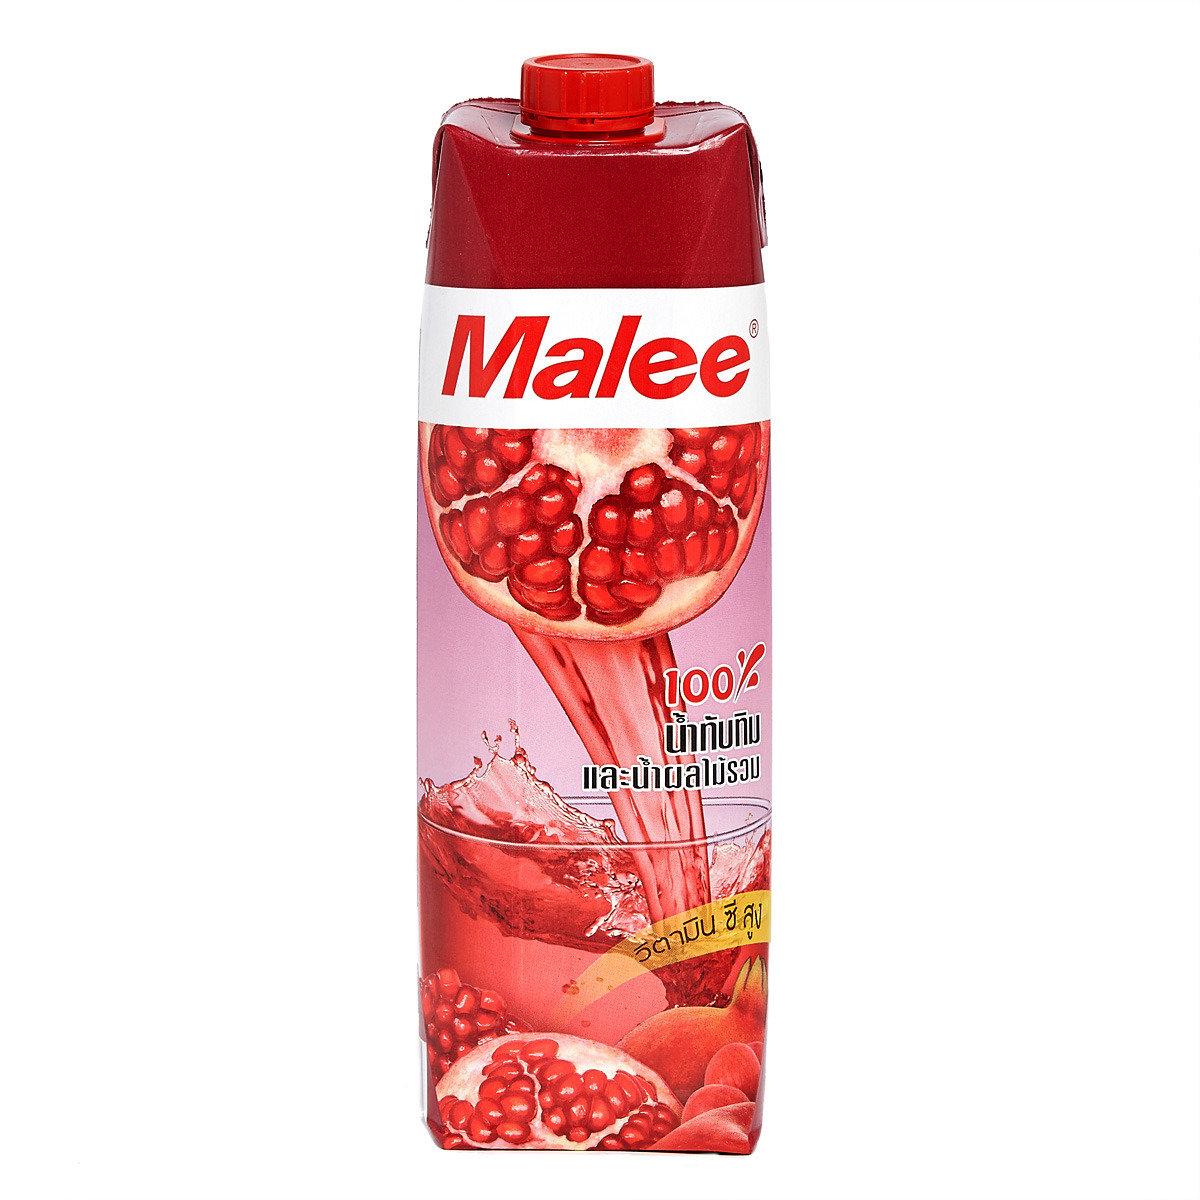 100% 純天然紅石榴汁及雜果汁